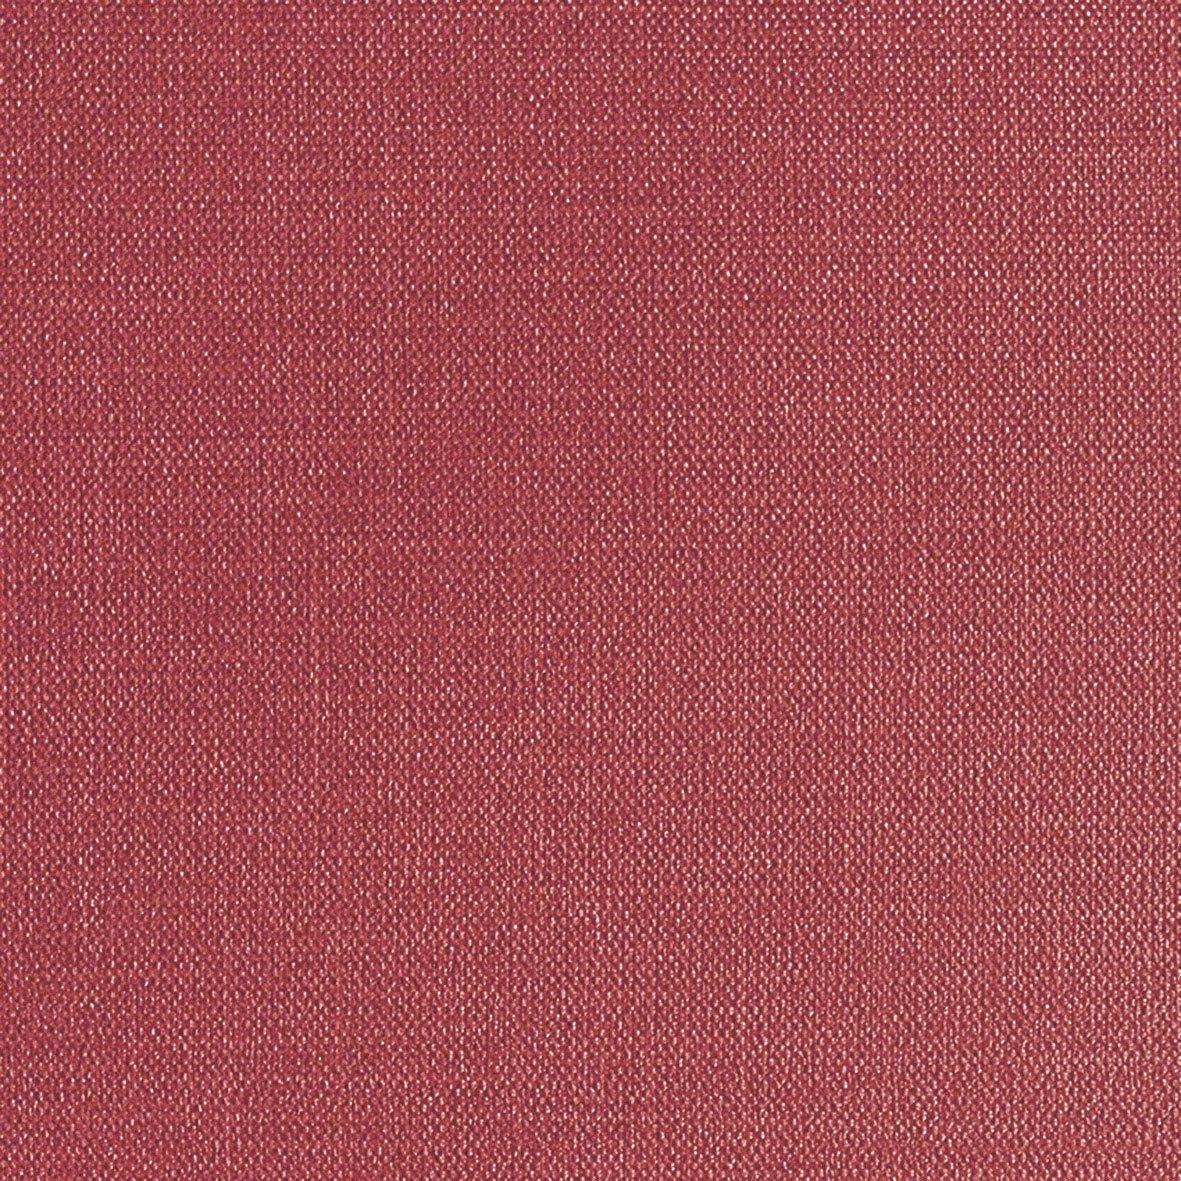 リリカラ 壁紙24m シンフル 織物調 レッド 消臭+汚れ防止 [ダブルクリーン] LV-6490 B01IHQVES0 24m|レッド